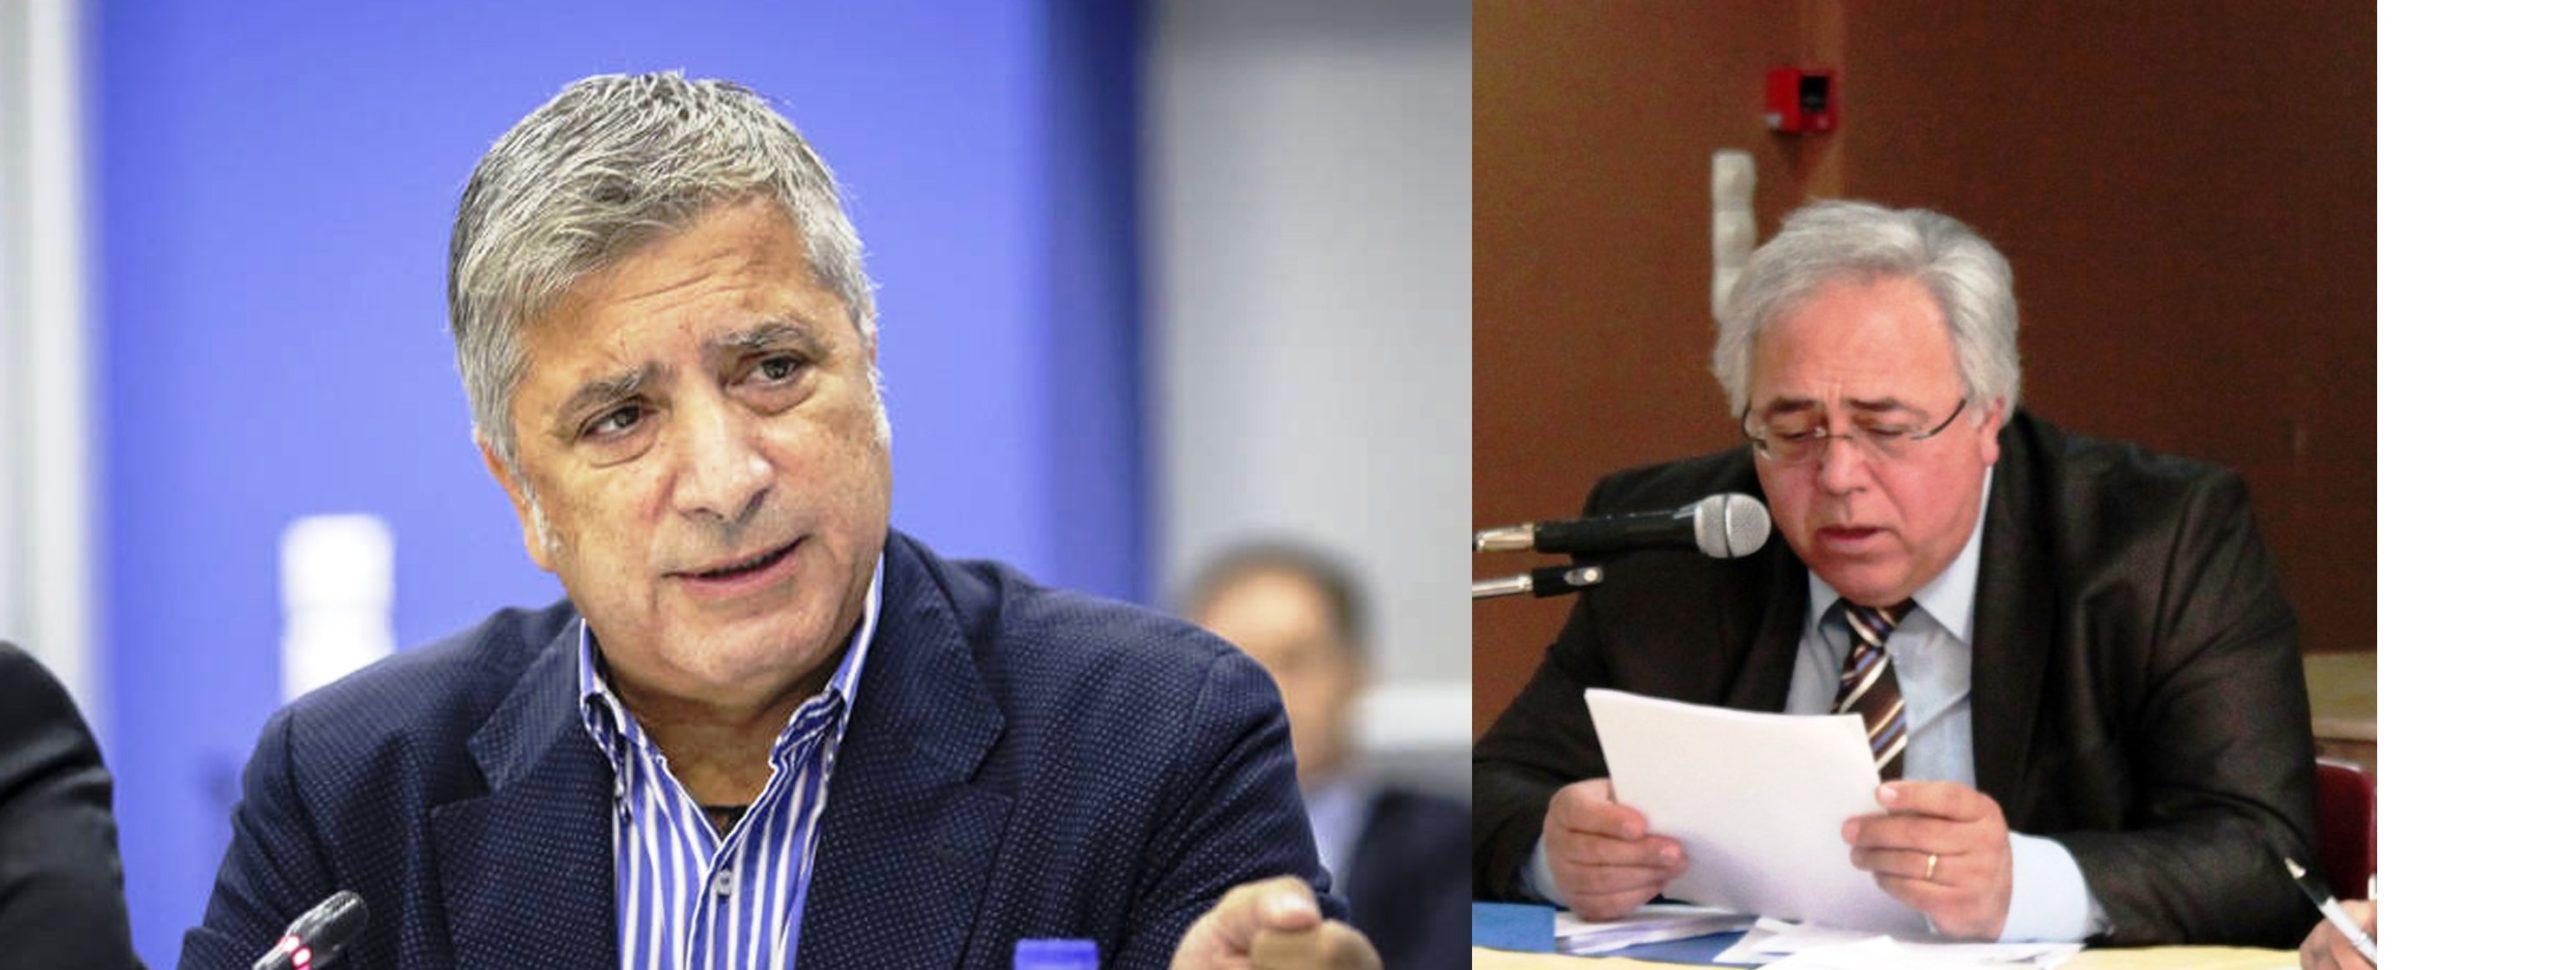 Γ. Πατούλης: Συλλυπητήρια δήλωση για το θάνατο του πρώην Δημάρχου Μεταμόρφωσης Δημήτρη Τζίτζιφα